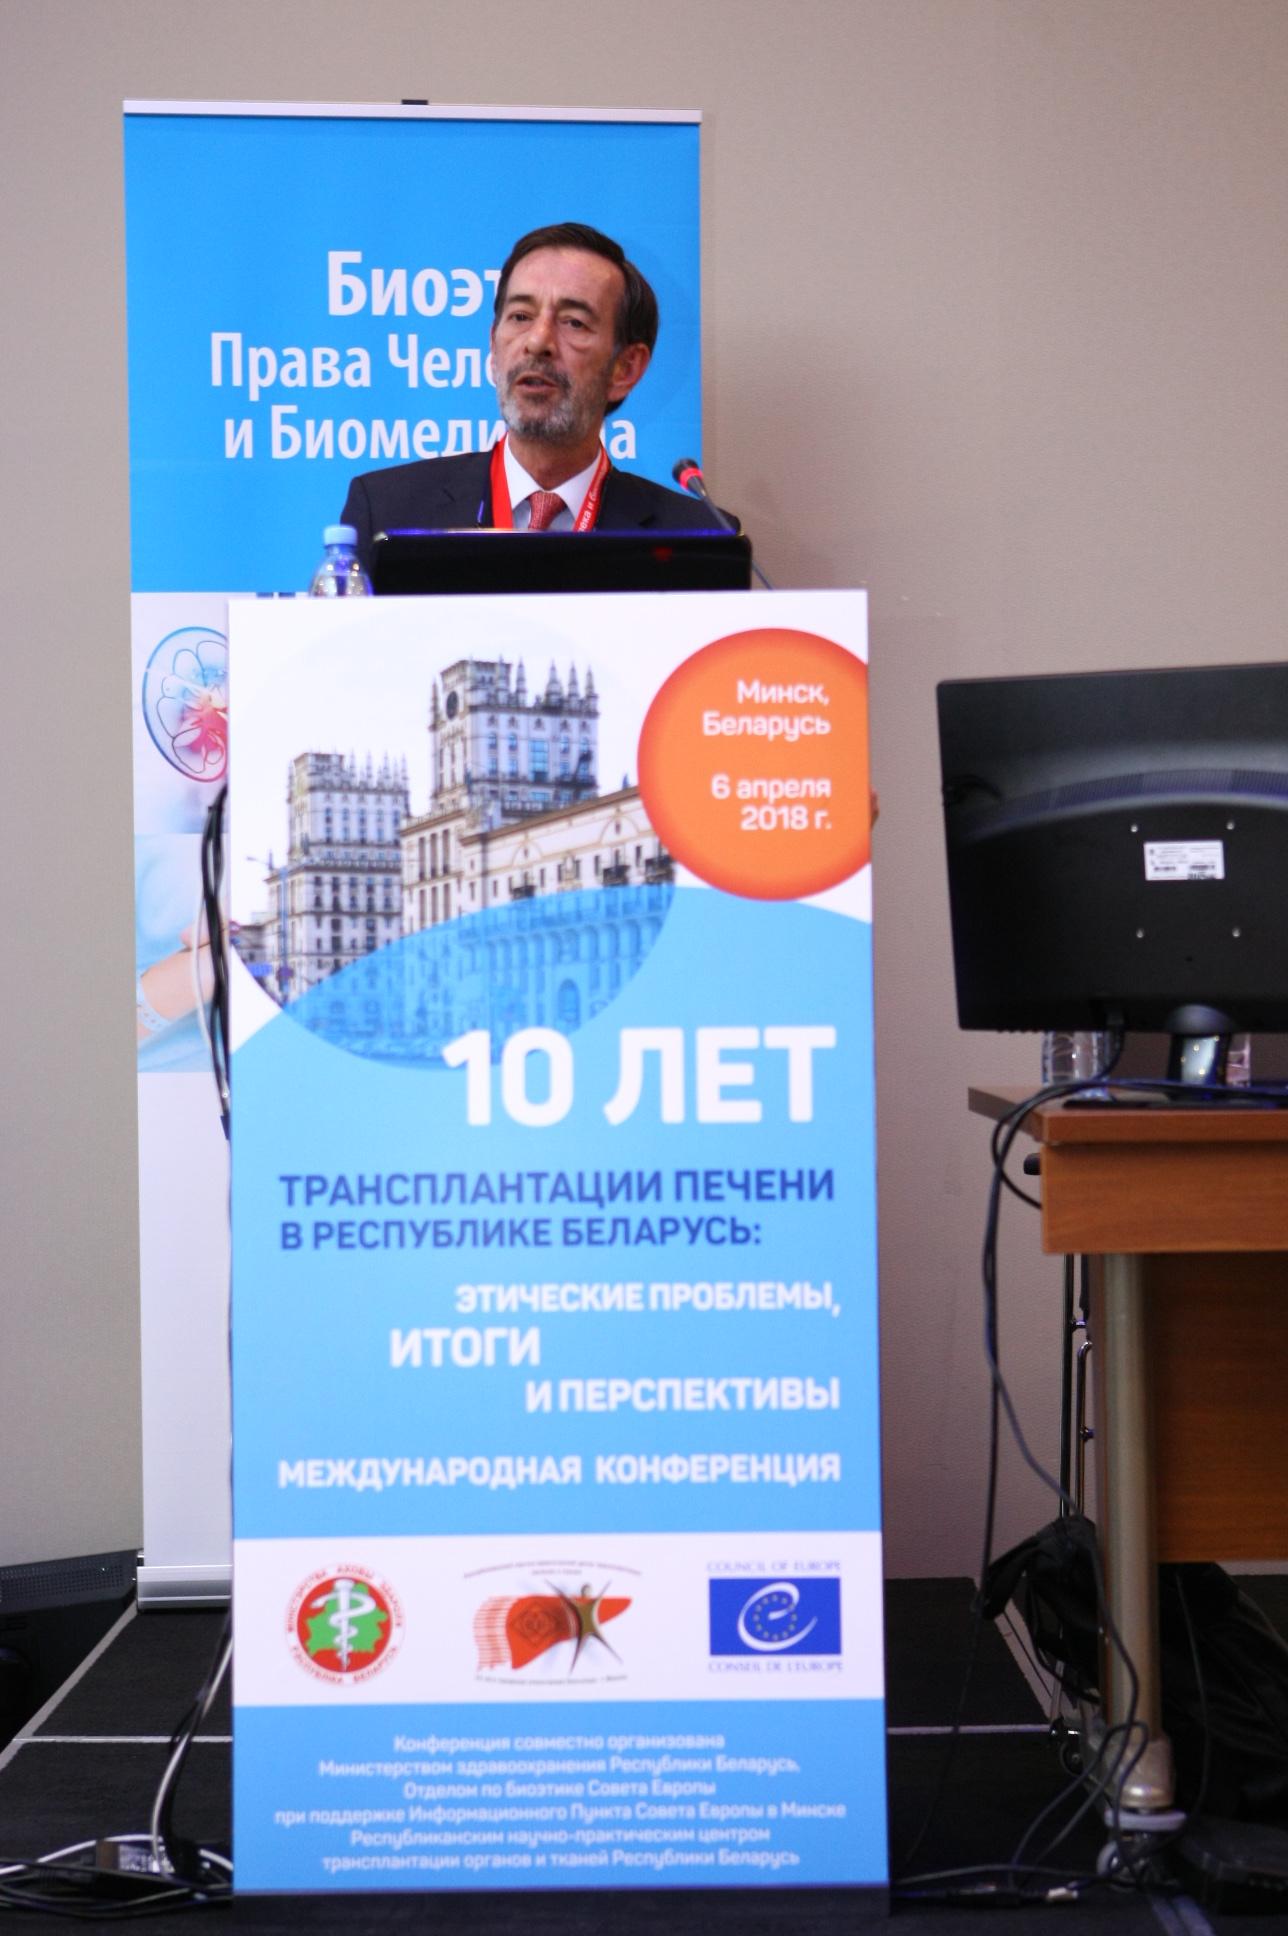 Belarus International Conference_2